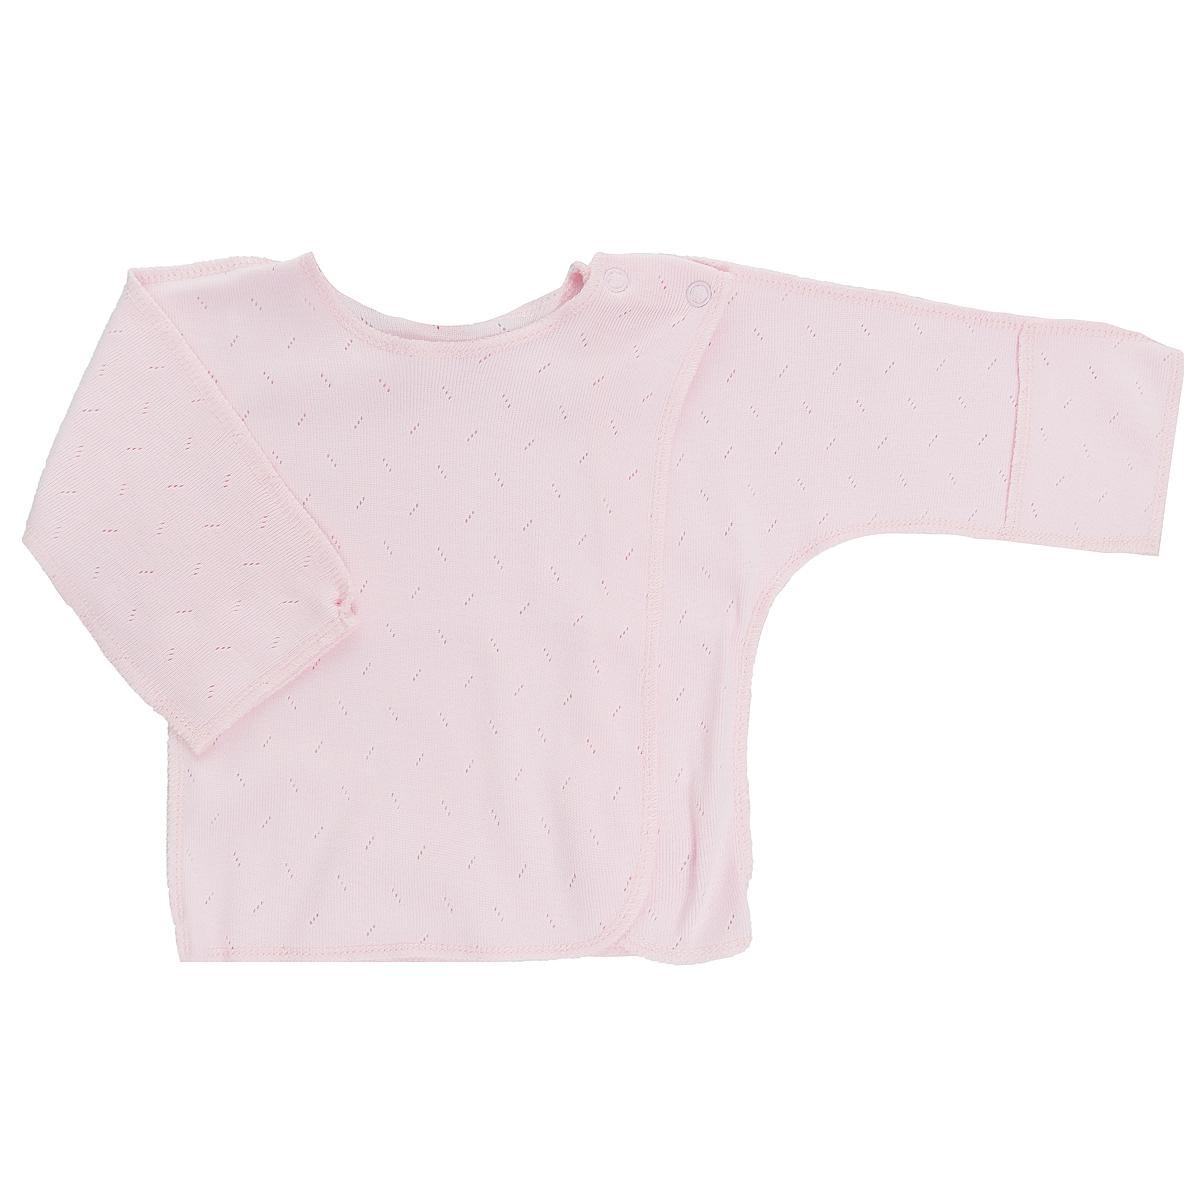 Распашонка Lucky Child Ажур цвет: розовый. 0-8. Размер 62/680-8Распашонка для новорожденного Lucky Child Ажур с длинными рукавами послужит идеальным дополнением к гардеробу вашего малыша, обеспечивая ему наибольший комфорт. Распашонка изготовлена из натурального хлопка, благодаря чему она необычайно мягкая и легкая, не раздражает нежную кожу ребенка и хорошо вентилируется, а эластичные швы приятны телу малыша и не препятствуют его движениям.Распашонка-кимоно для новорожденного, выполненная швами наружу, и украшенная ажурным узором, имеет кнопки по плечу, которые помогают с легкостью переодеть малыша. А благодаря рукавичкам ребенок не поцарапает себя. Ручки могут быть как открытыми, так и закрытыми. Распашонка полностью соответствует особенностям жизни ребенка в ранний период, не стесняя и не ограничивая его в движениях. В ней ваш малыш всегда будет в центре внимания.